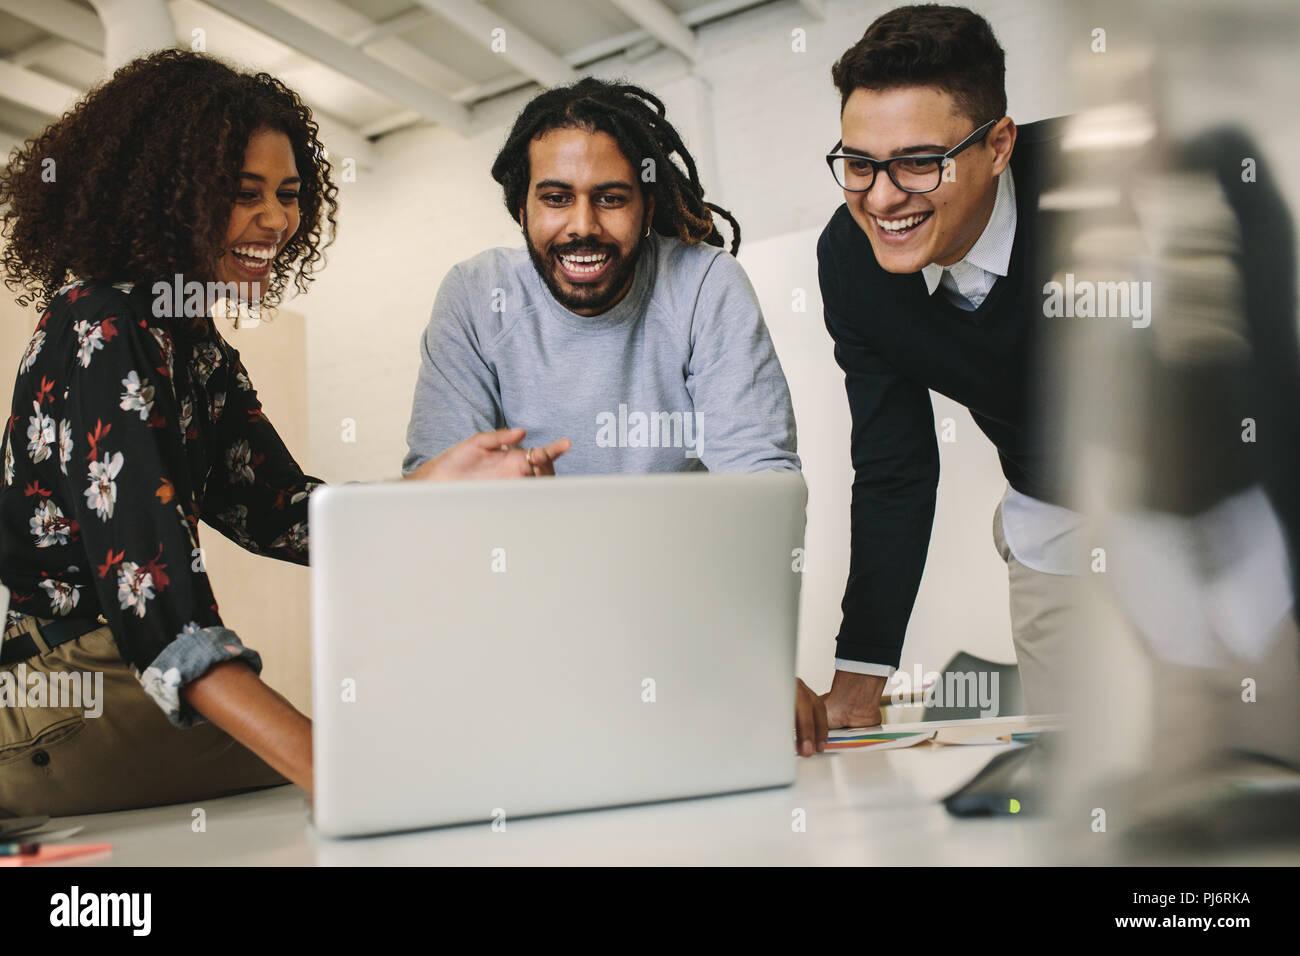 Des collègues d'affaires à la recherche à un ordinateur portable et de rire. Office de tourisme amis profitant de leur travail et s'amuser dans le bureau. Photo Stock